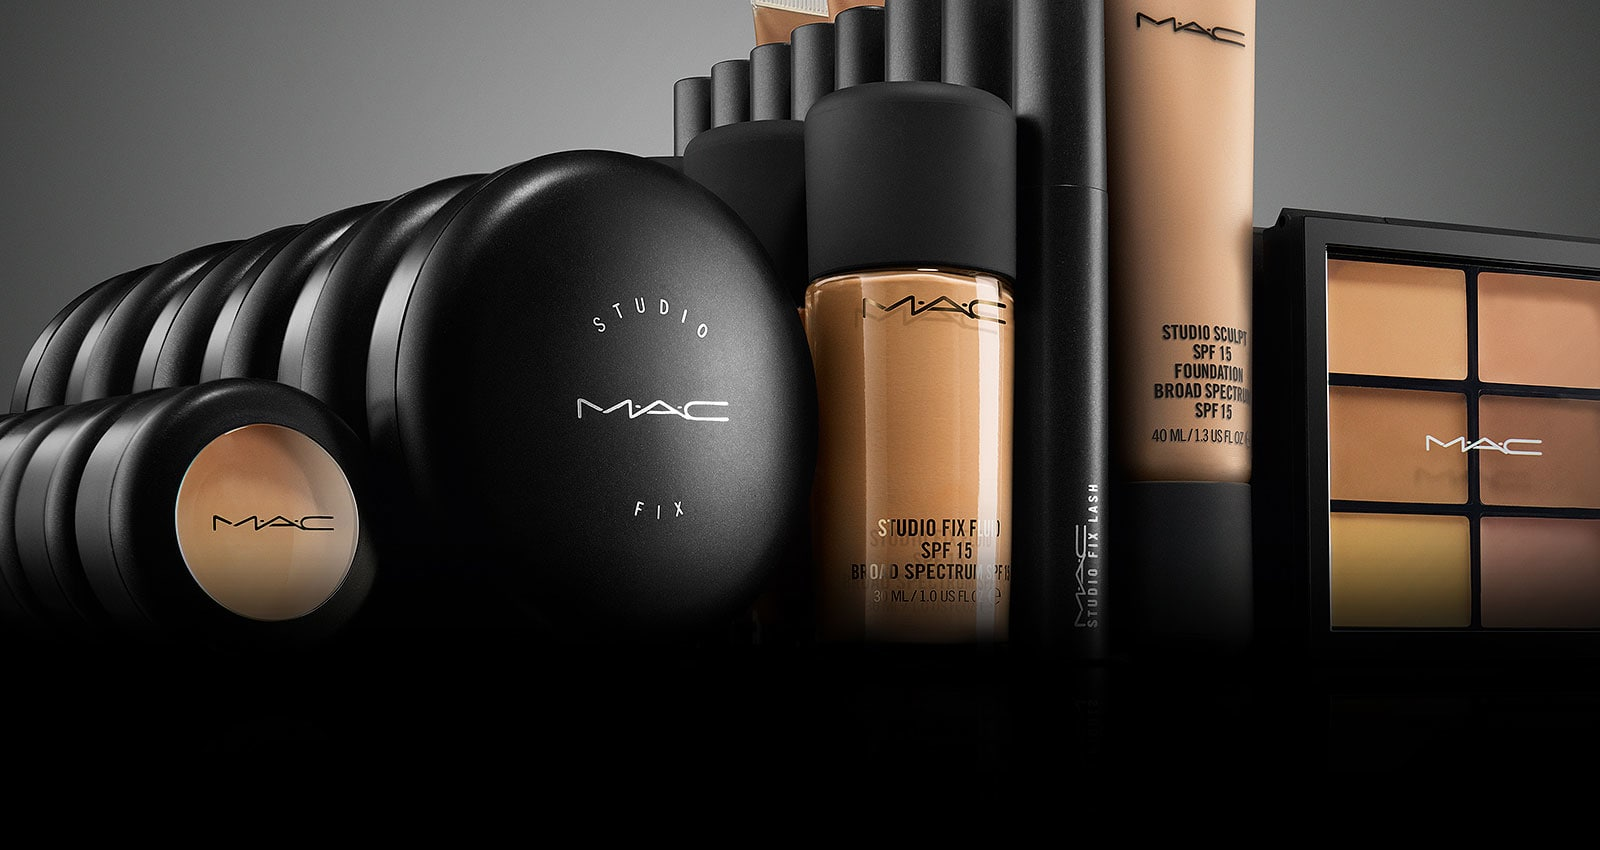 Make-up Art Cosmetics, plus connu sous le nom de M·A·C ou MAC Cosmetics, est un fabricant de cosmétiques fondé en 1985 à Toronto, au Canada et dont les bureaux sont situés à New York, aux États-Unis. MAC Cosmetics est contrôlé depuis 1994 par le groupe Estée Lauder, et propose une gamme très large de produits de maquillage pour le public et les professionnels.